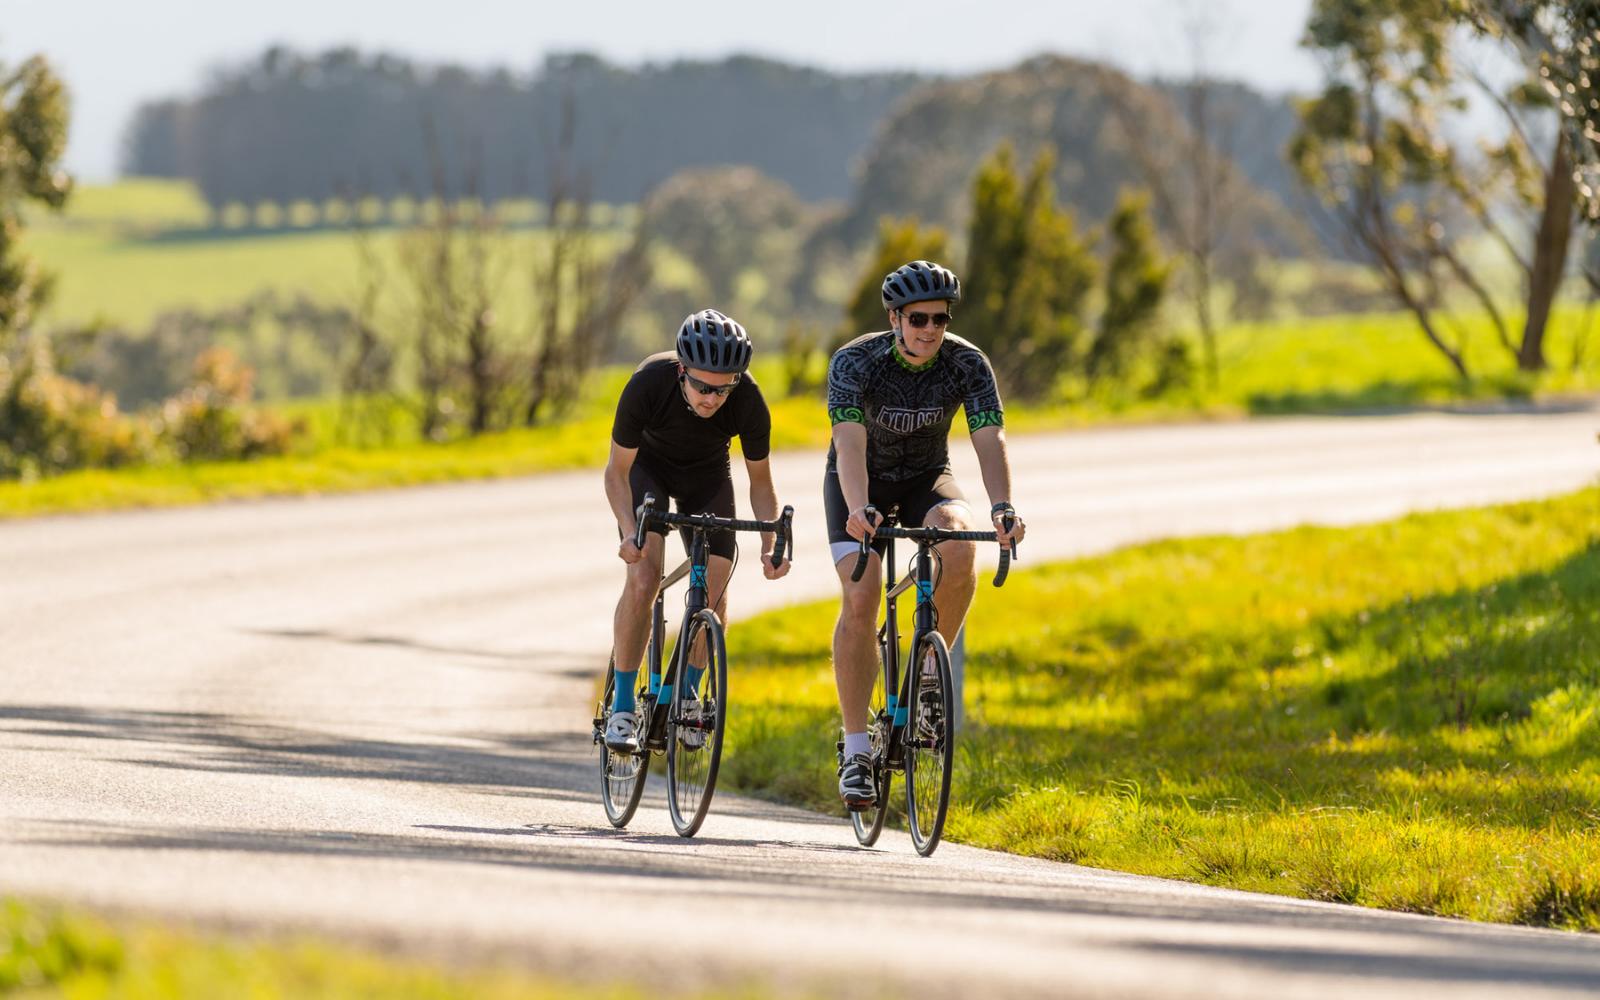 74 1 - Reid ® - Vantage Endurance 2.0 Bike